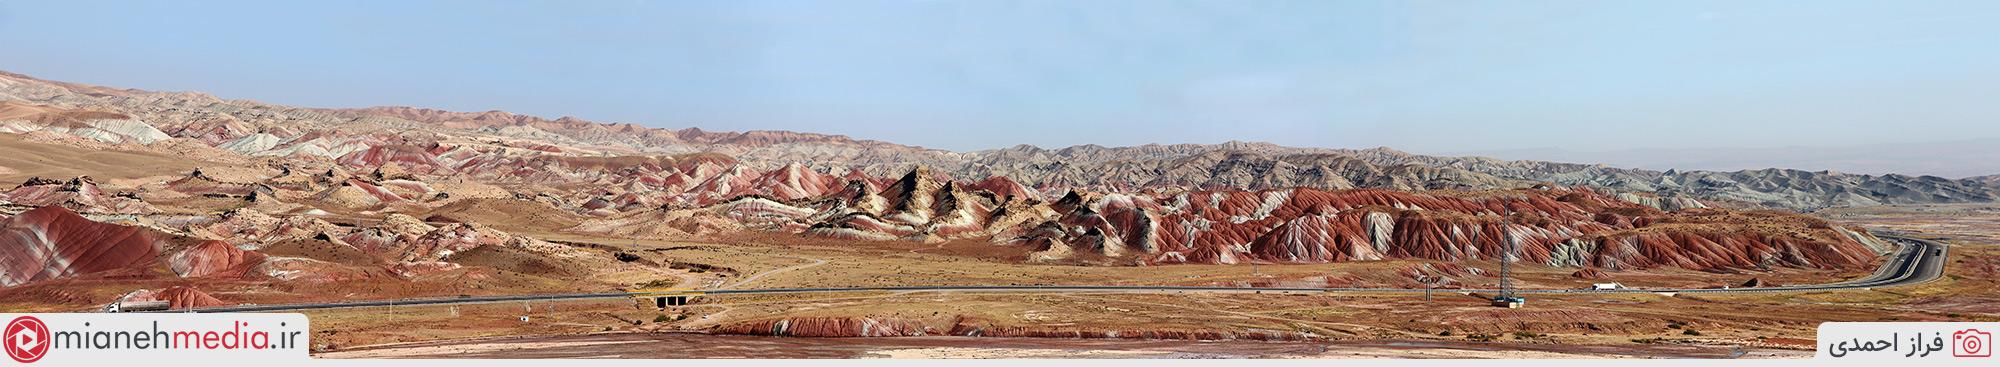 کوه آلاداغلار